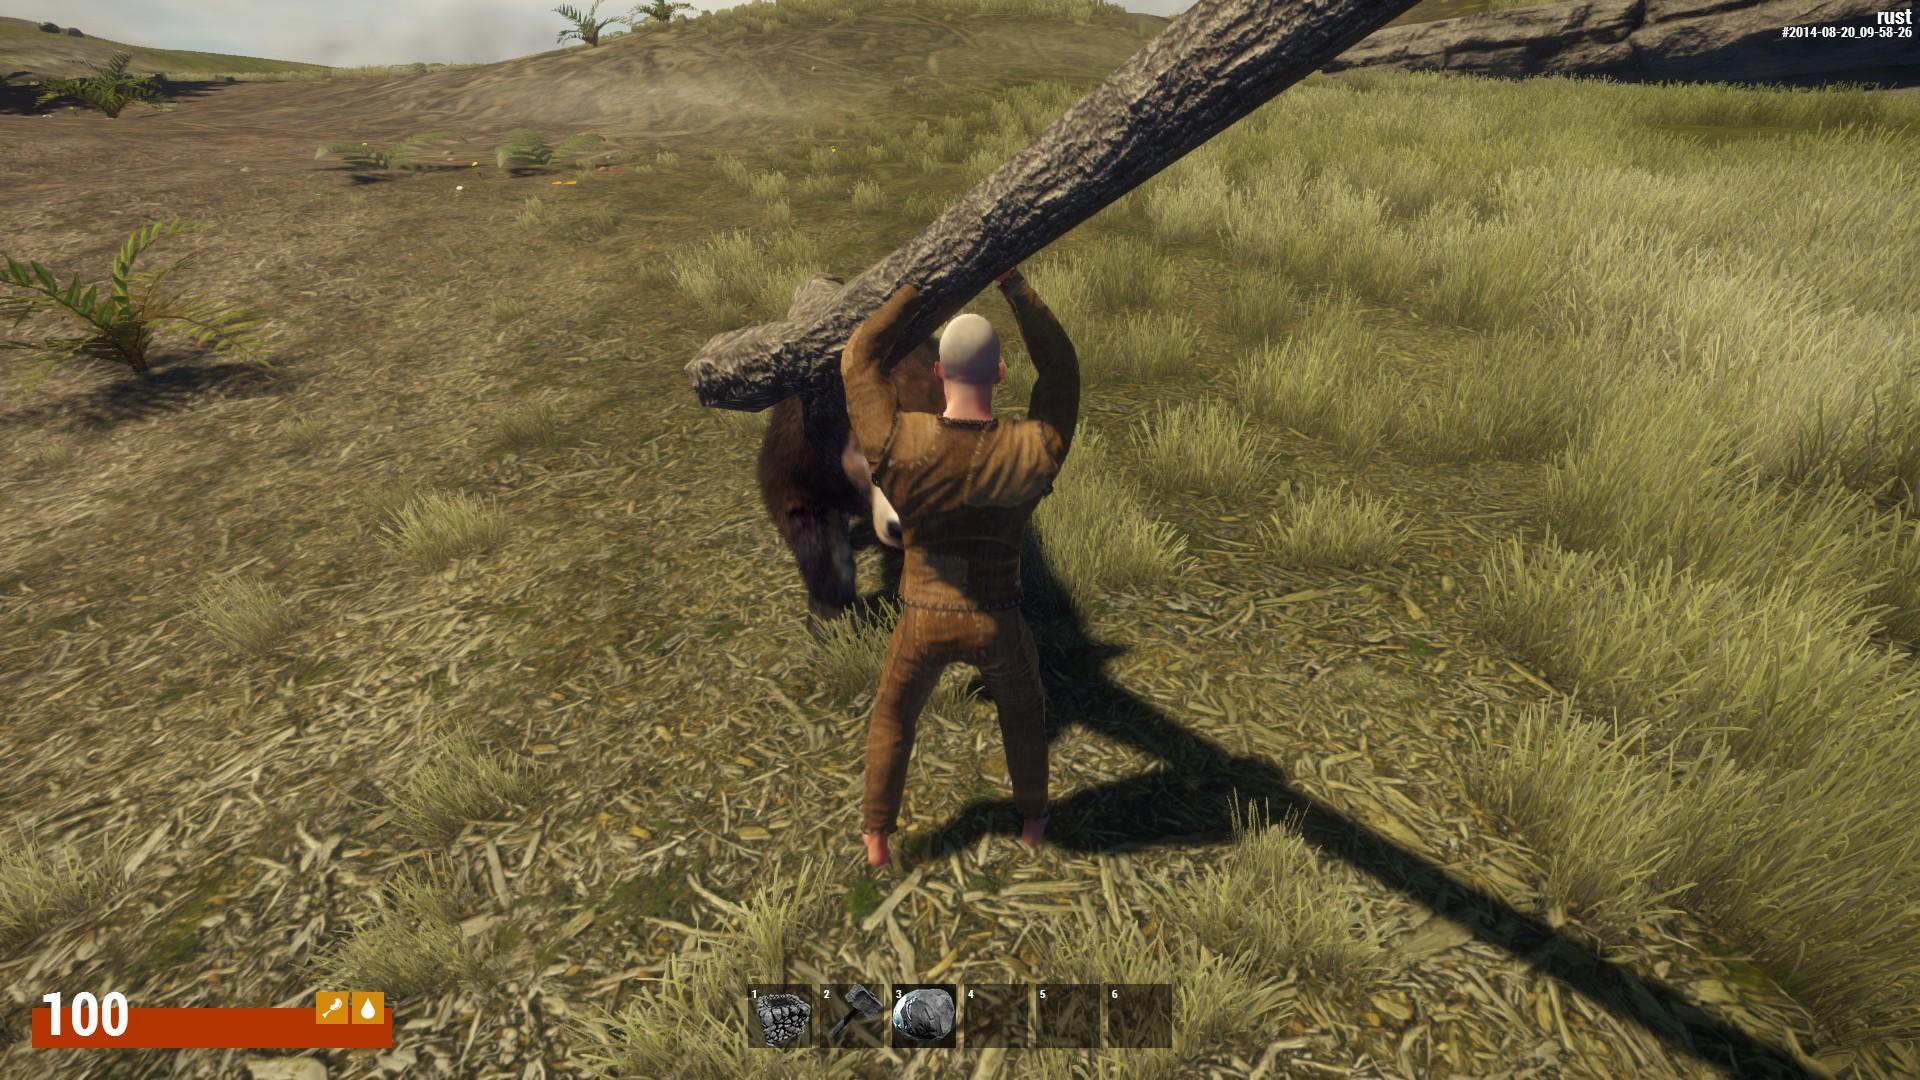 Чтобы убить медведя, нужно нечто большее, чем просто камень